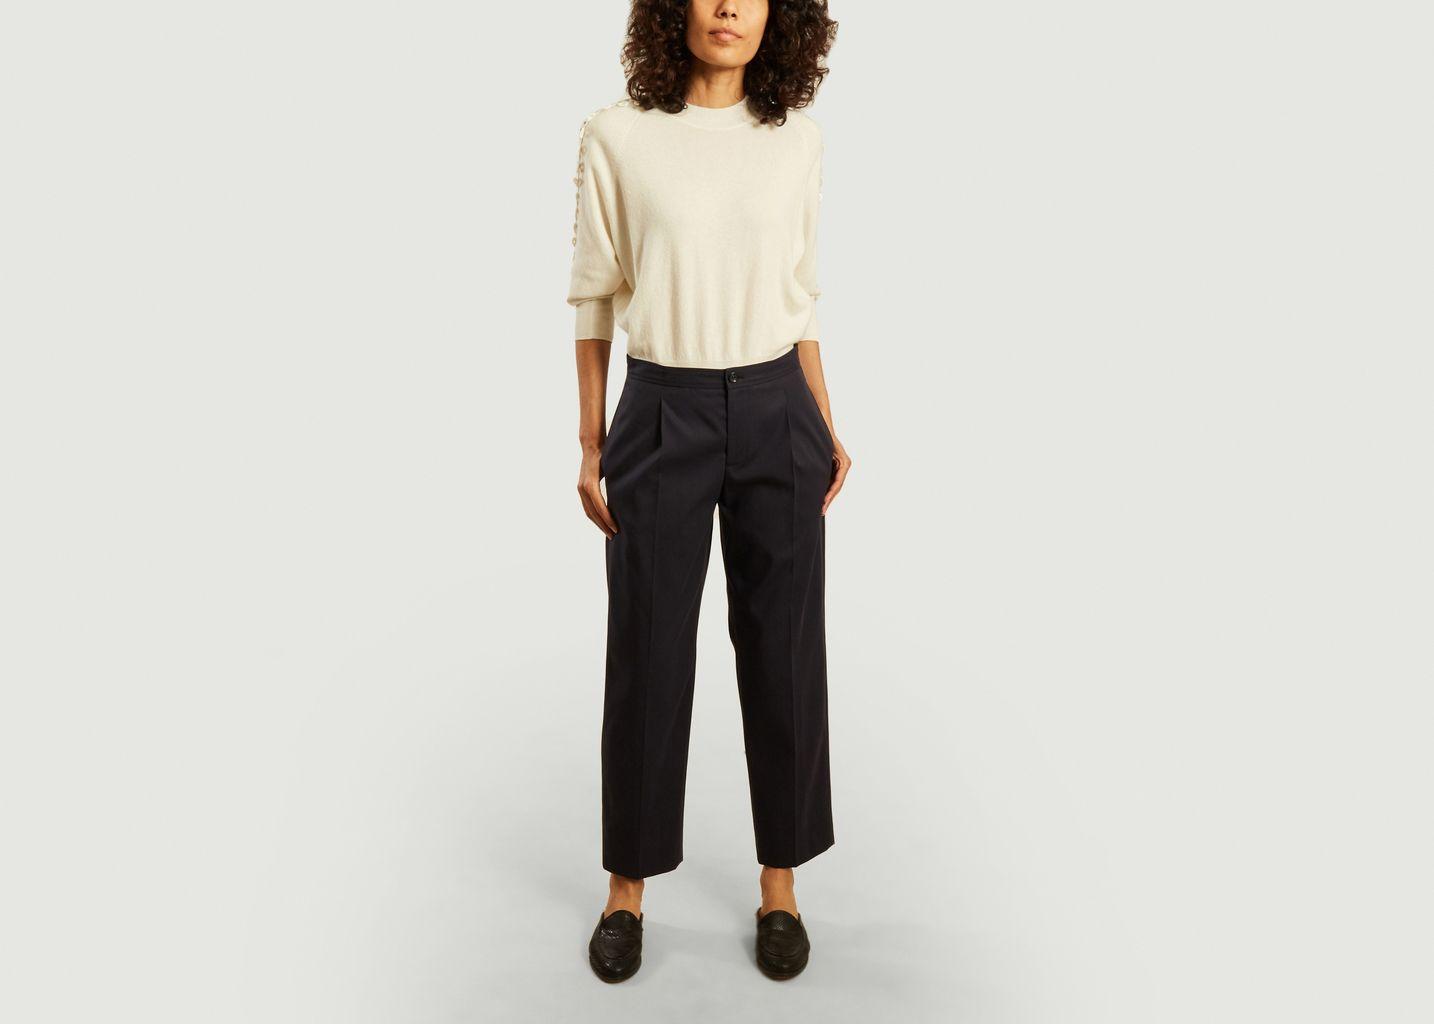 Pantalon Amalfi - A.P.C.